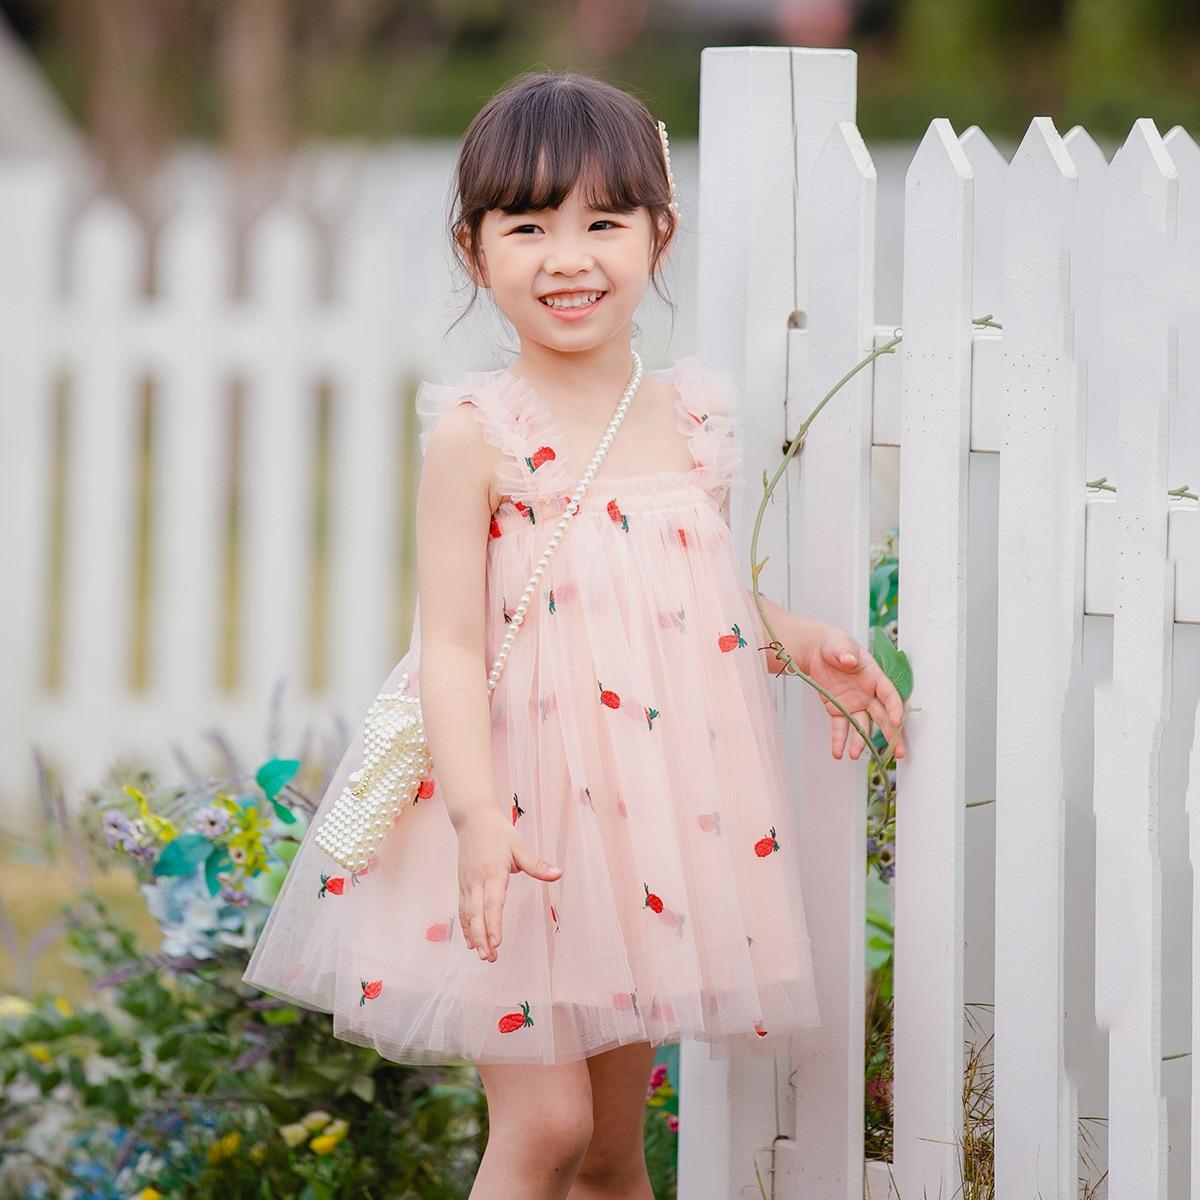 Детское платье, платье для девочек, Модное детское платье принцессы с цветами для маленьких девочек, без рукавов, сарафан, летняя одежда, дет... сарафан для девочек